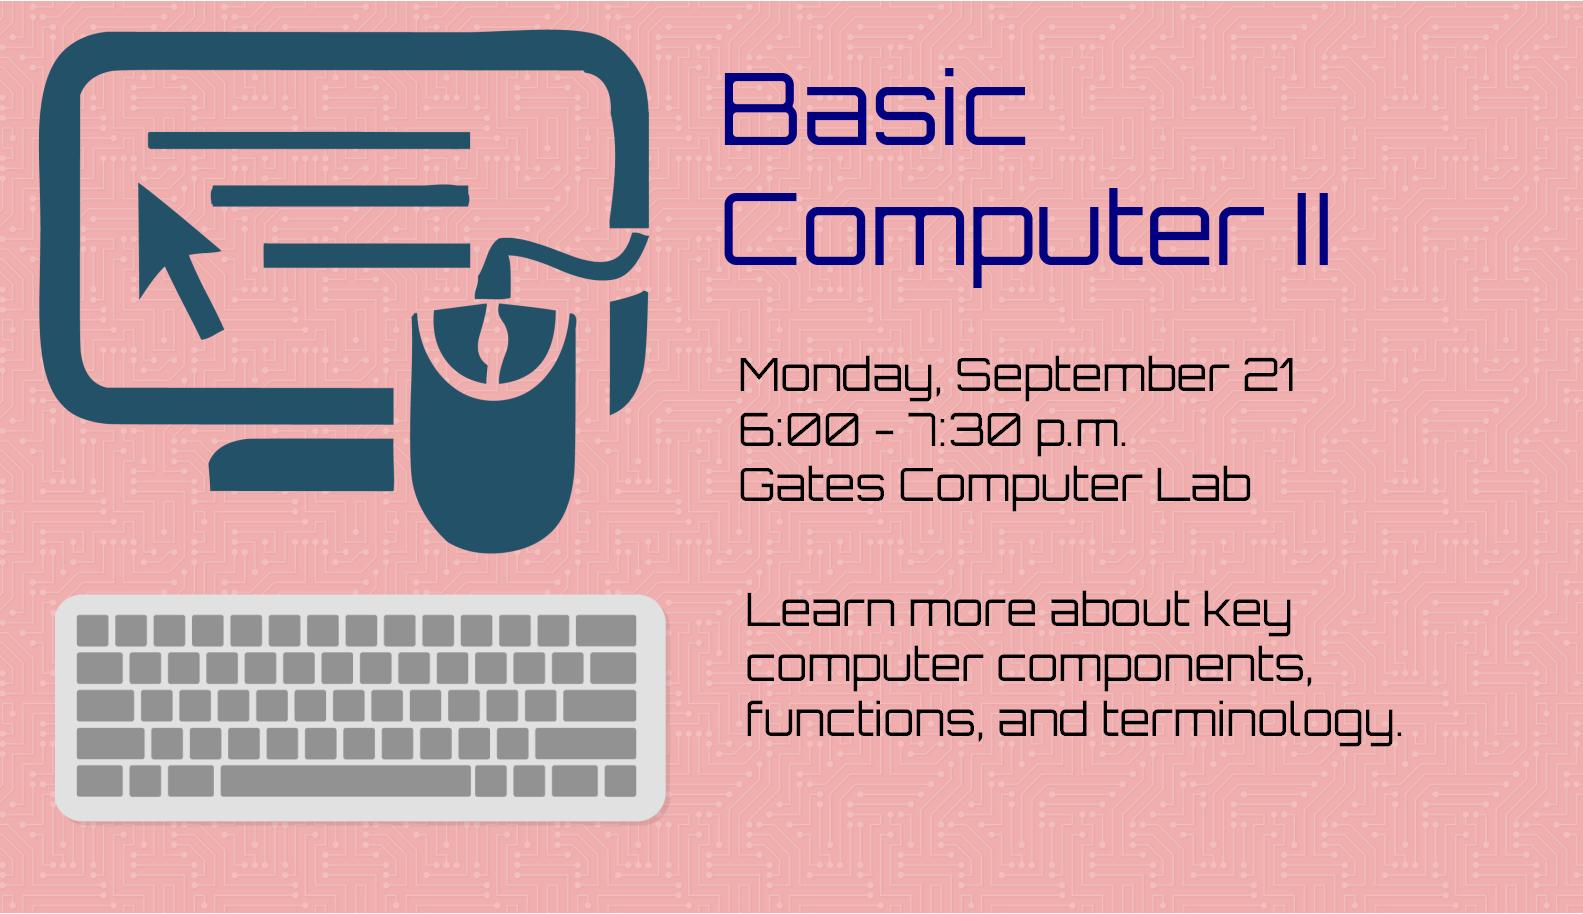 Basic Computer II